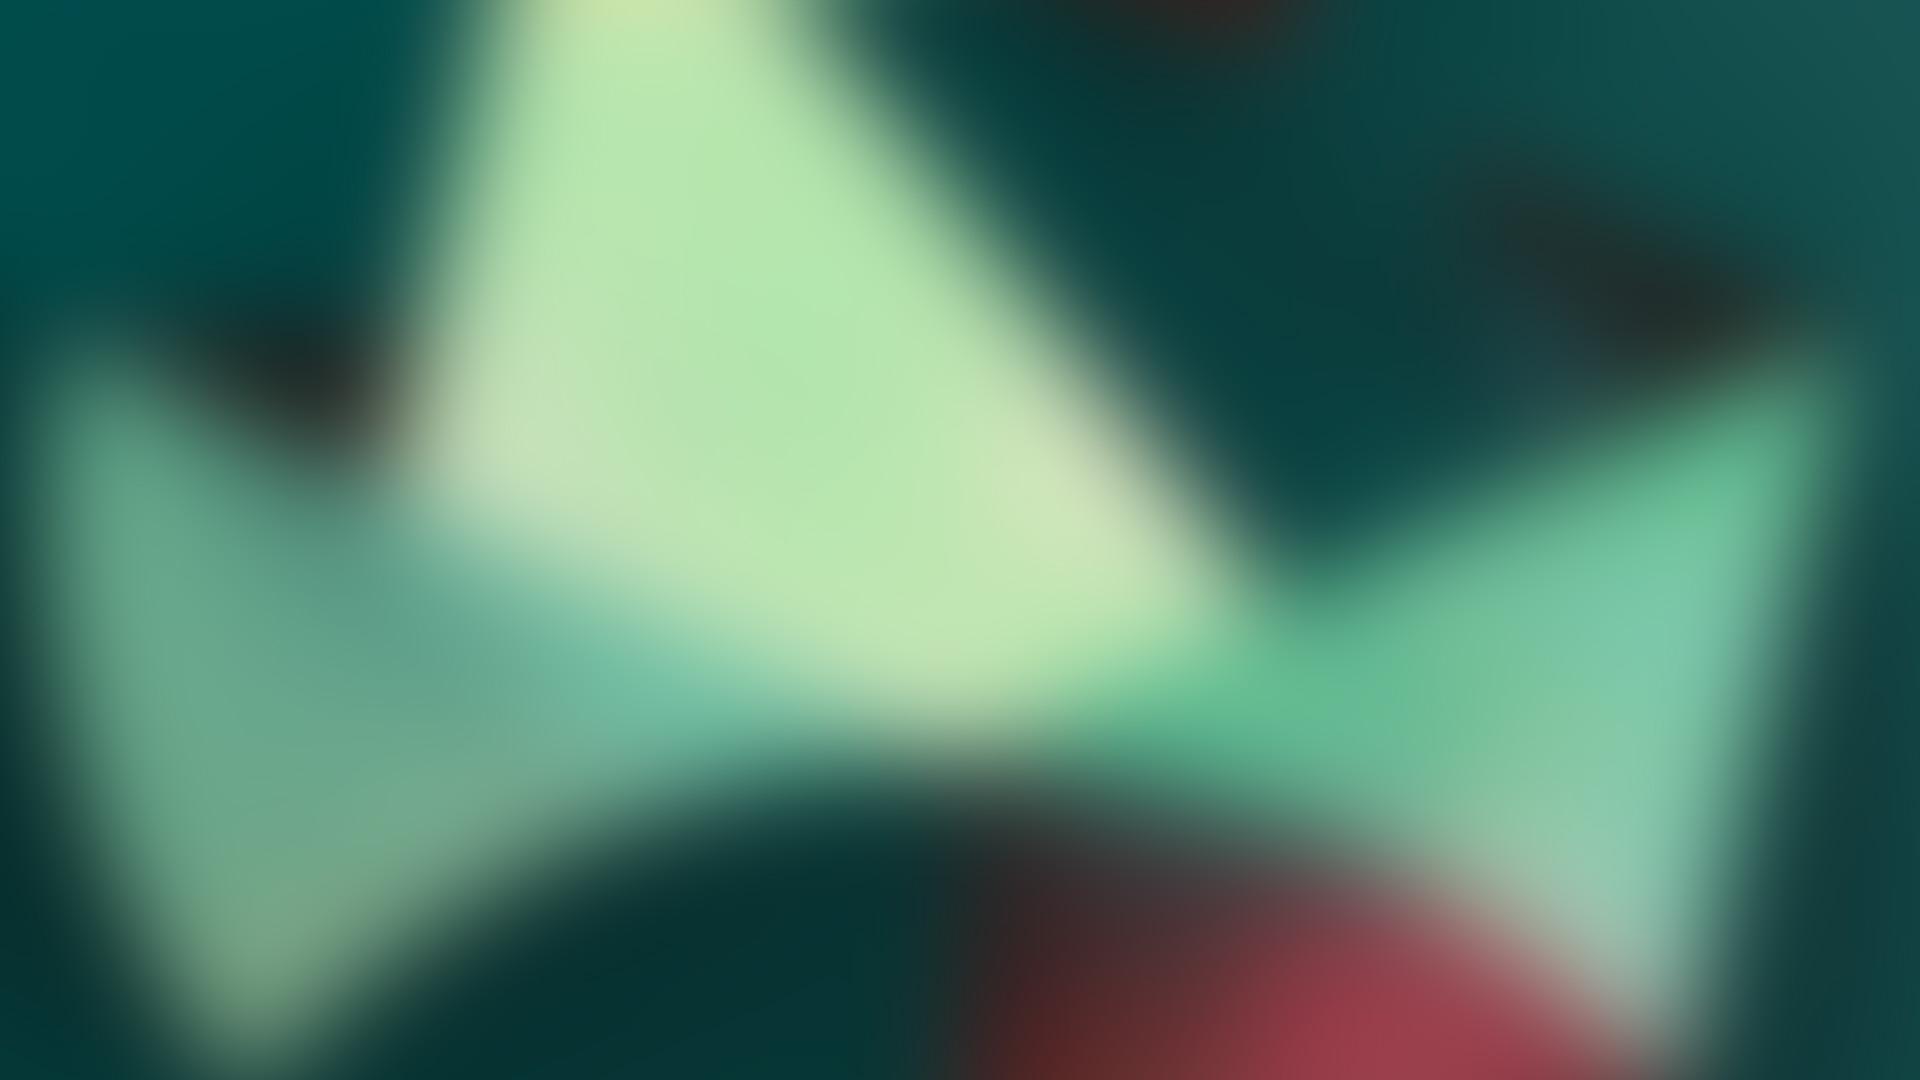 Mobilee237_RodriguezJr_Hydra_bg-blur